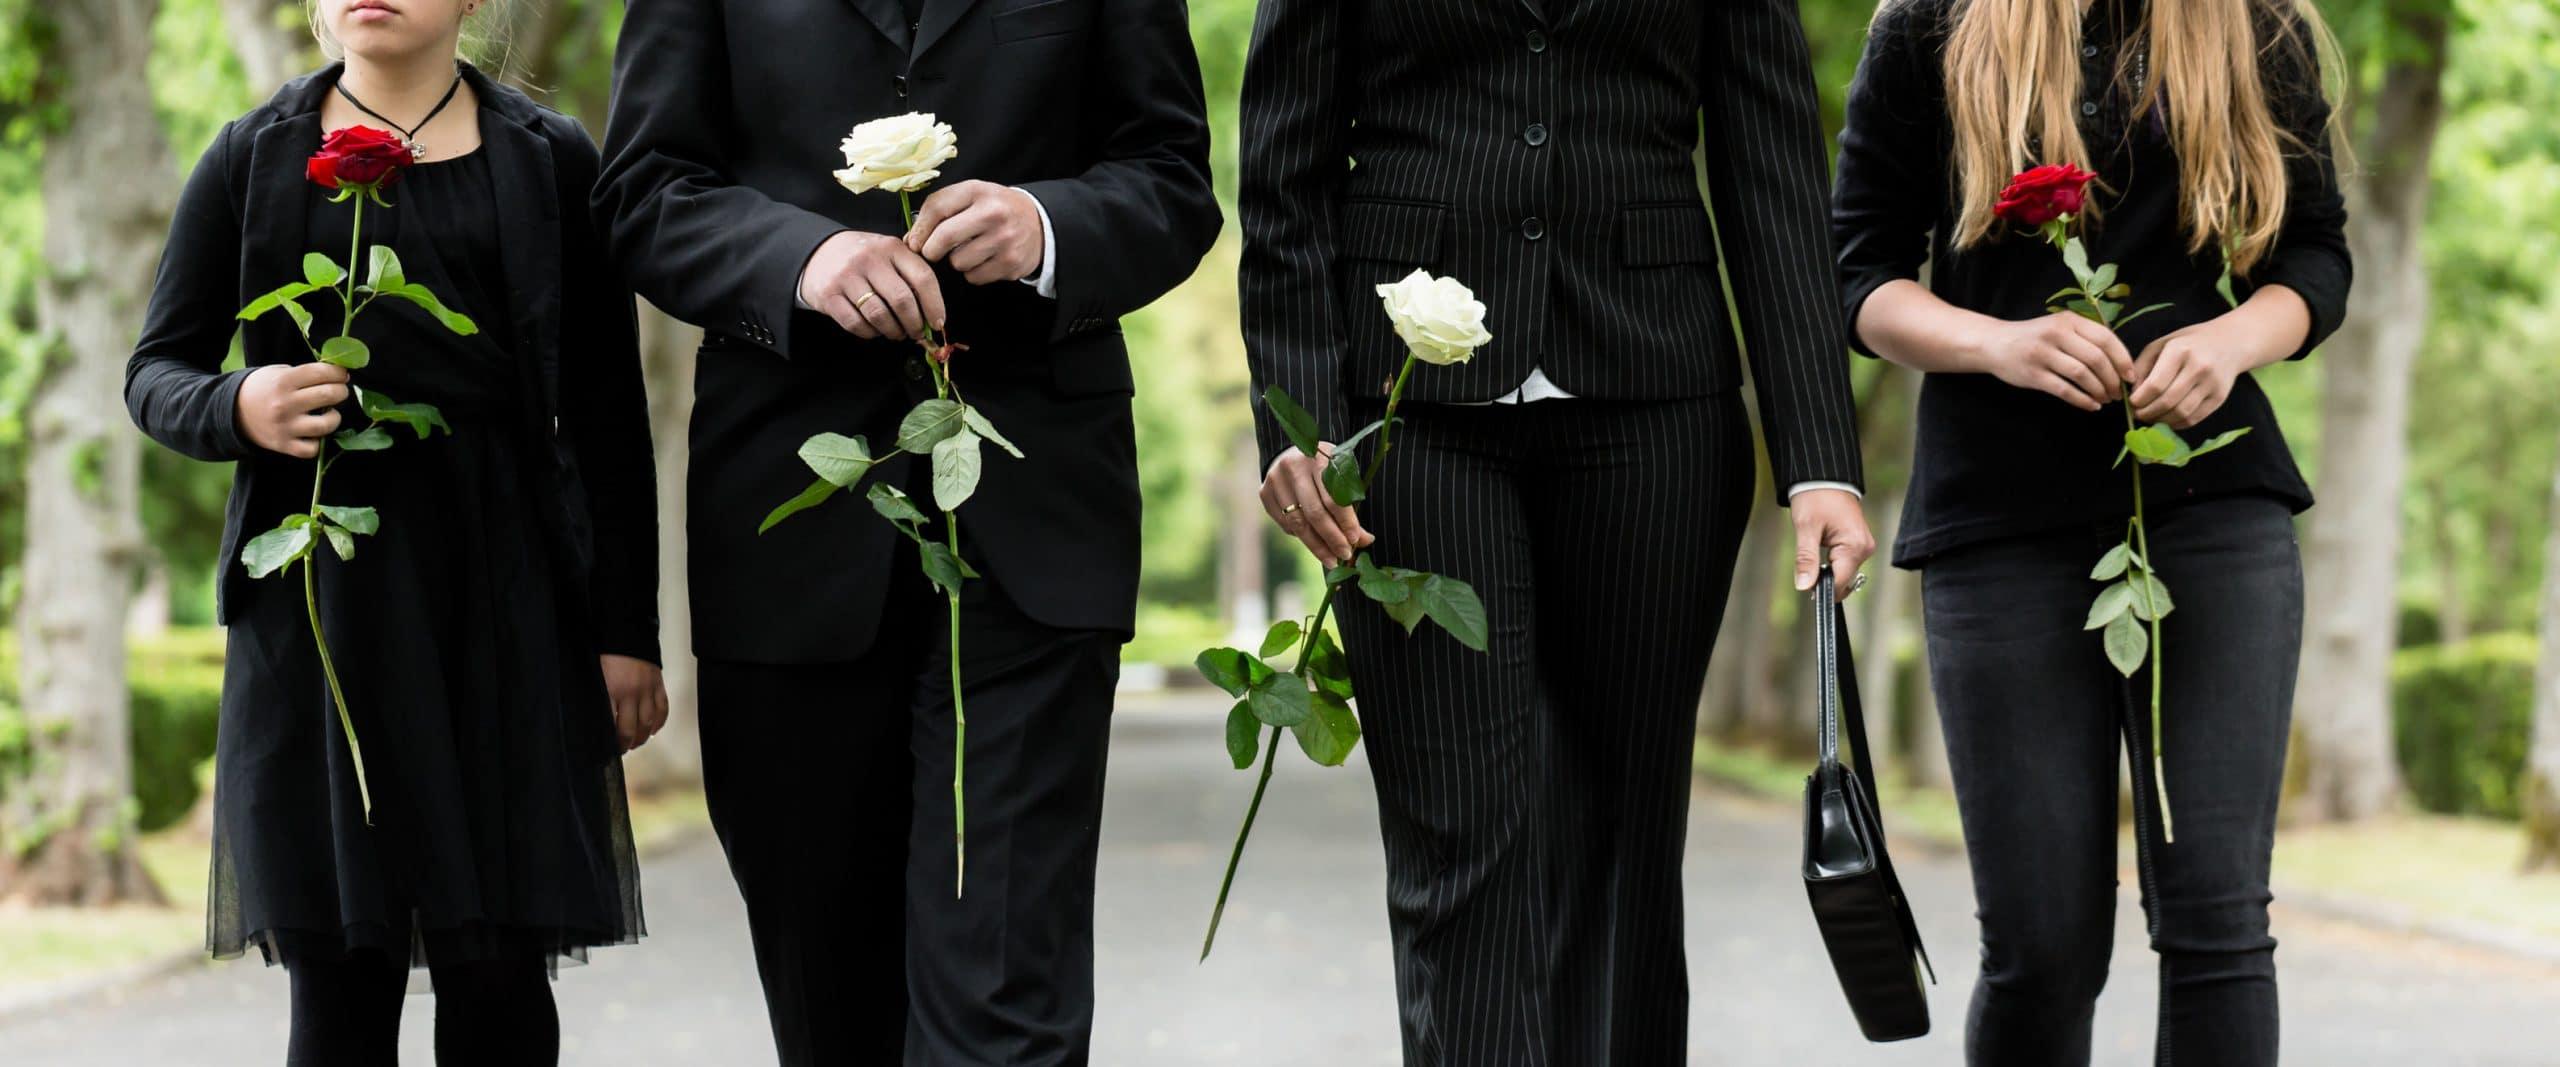 Torso da família em luto cemitério segurando rosas vermelhas e brancas nas mãos.